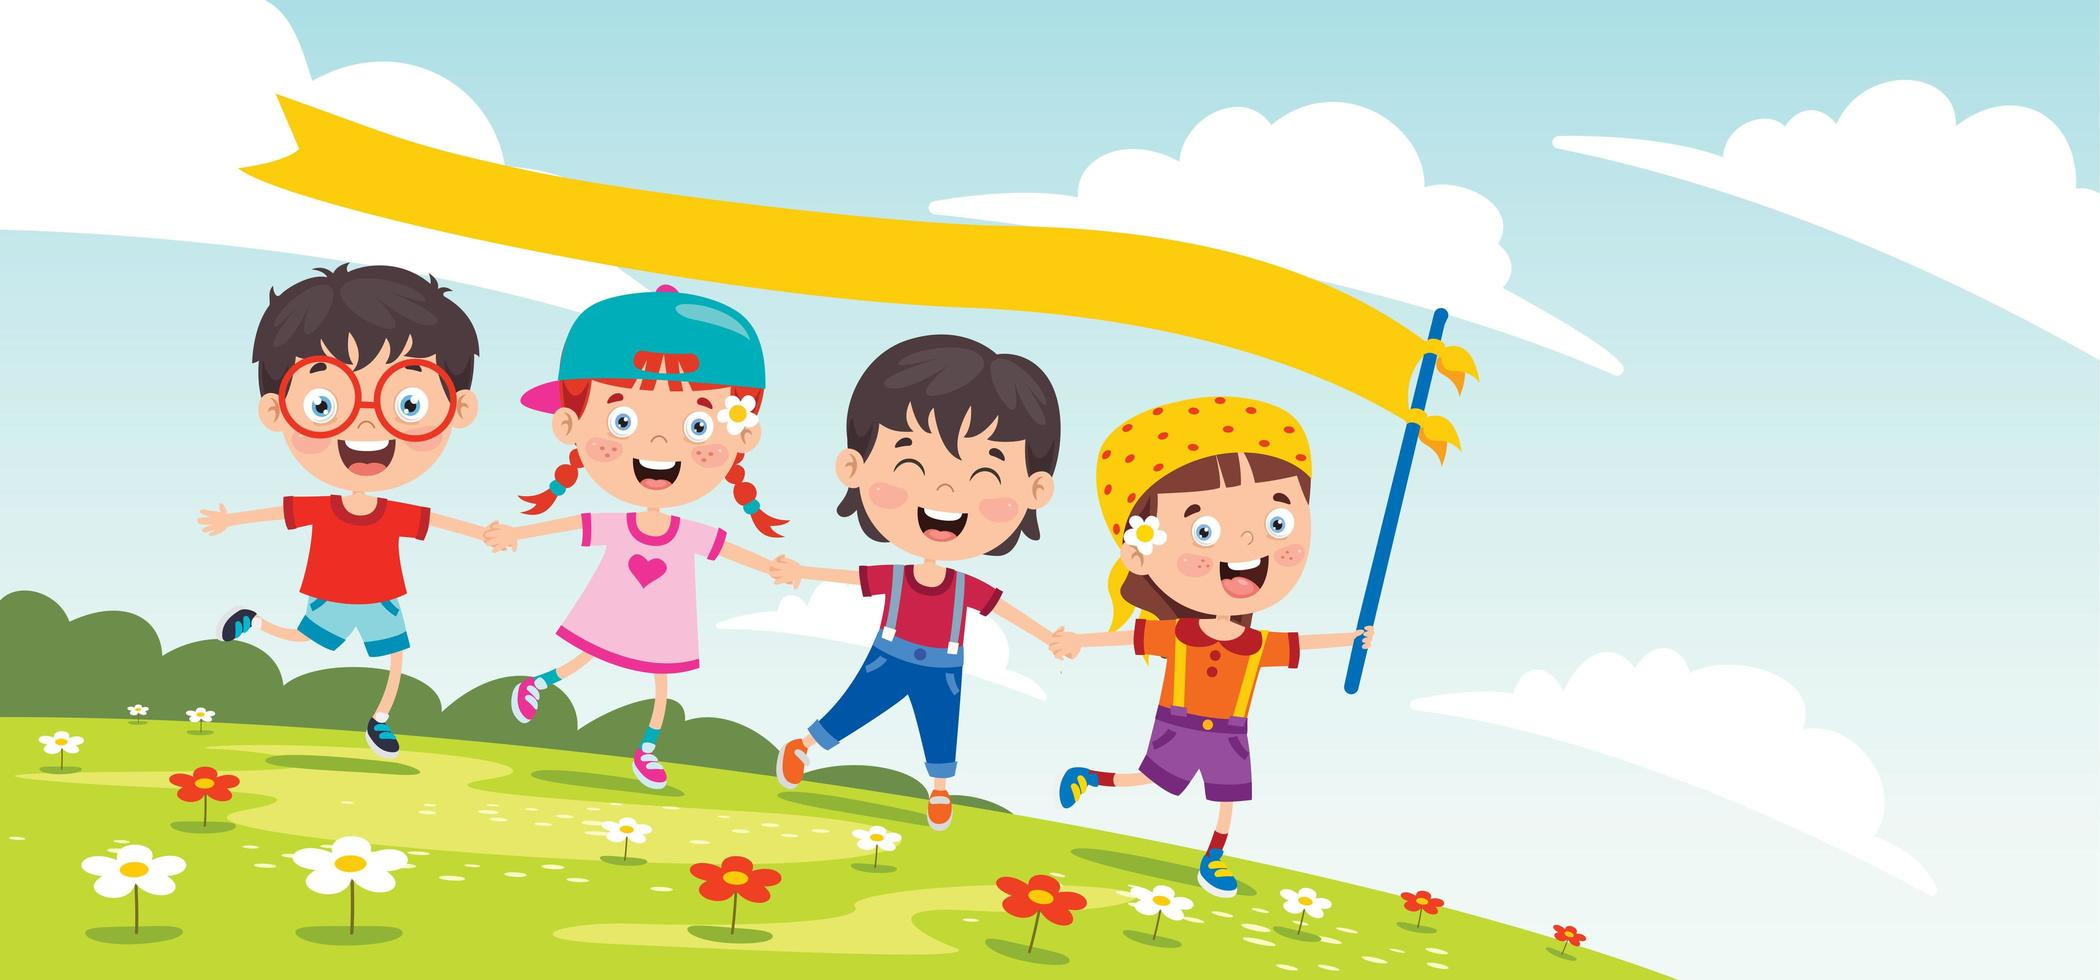 crianças brincando lá fora com a bandeira da bandeira vetor